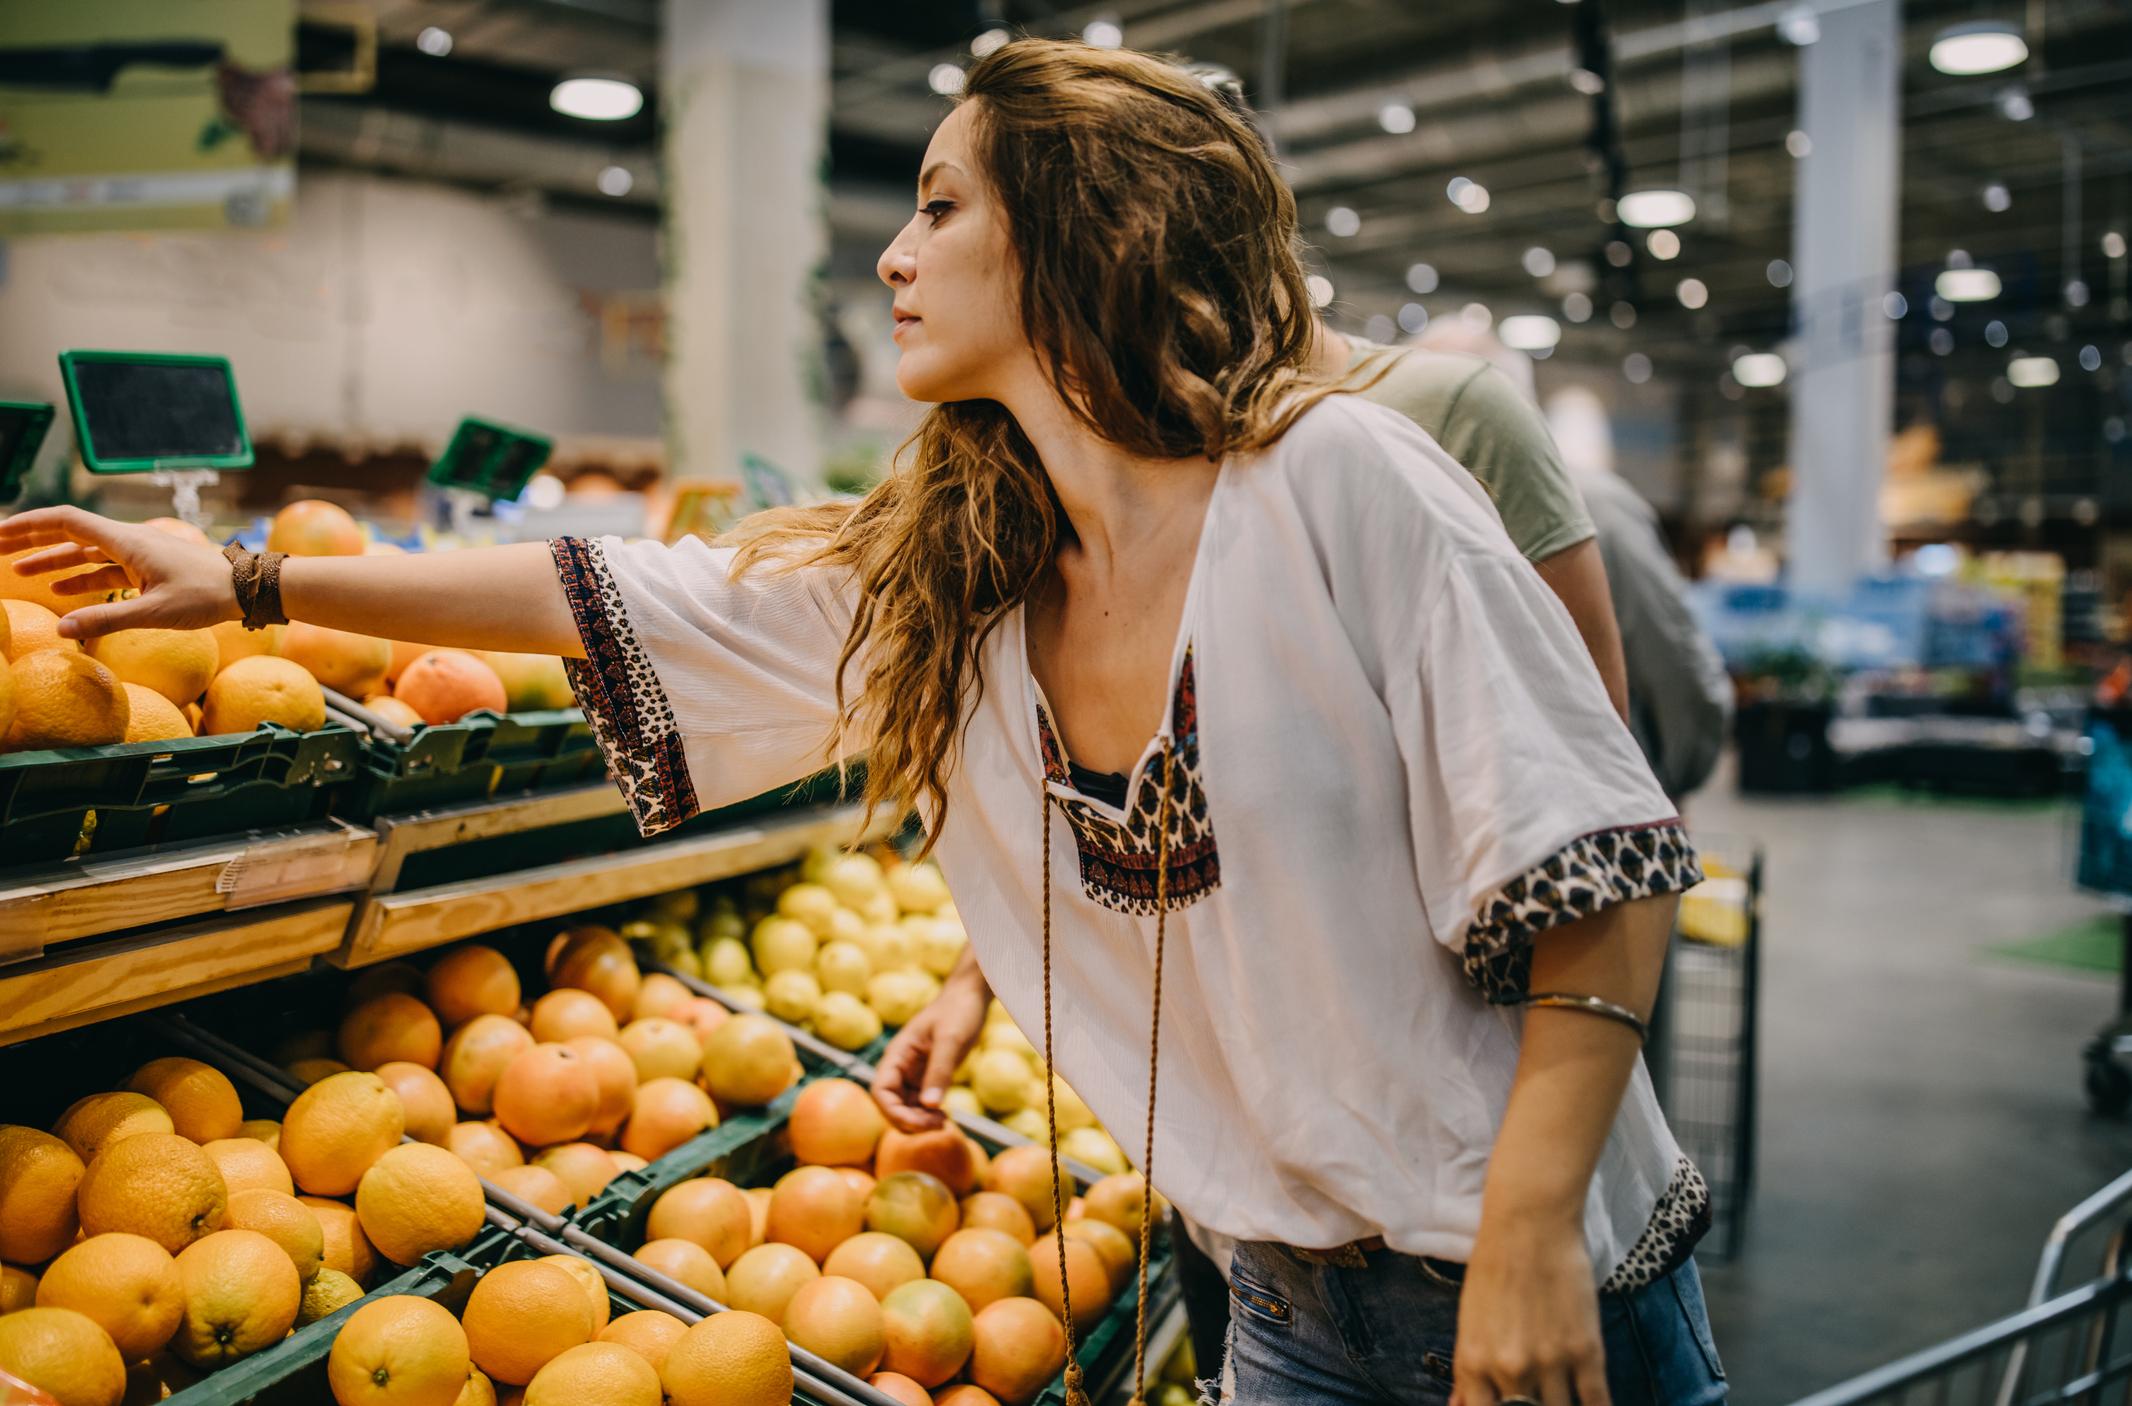 Jedan od najranijih simptoma hipotireoze je debljanje. Niskokalorične namirnice kao što su voće i povrće su odličan izbor.